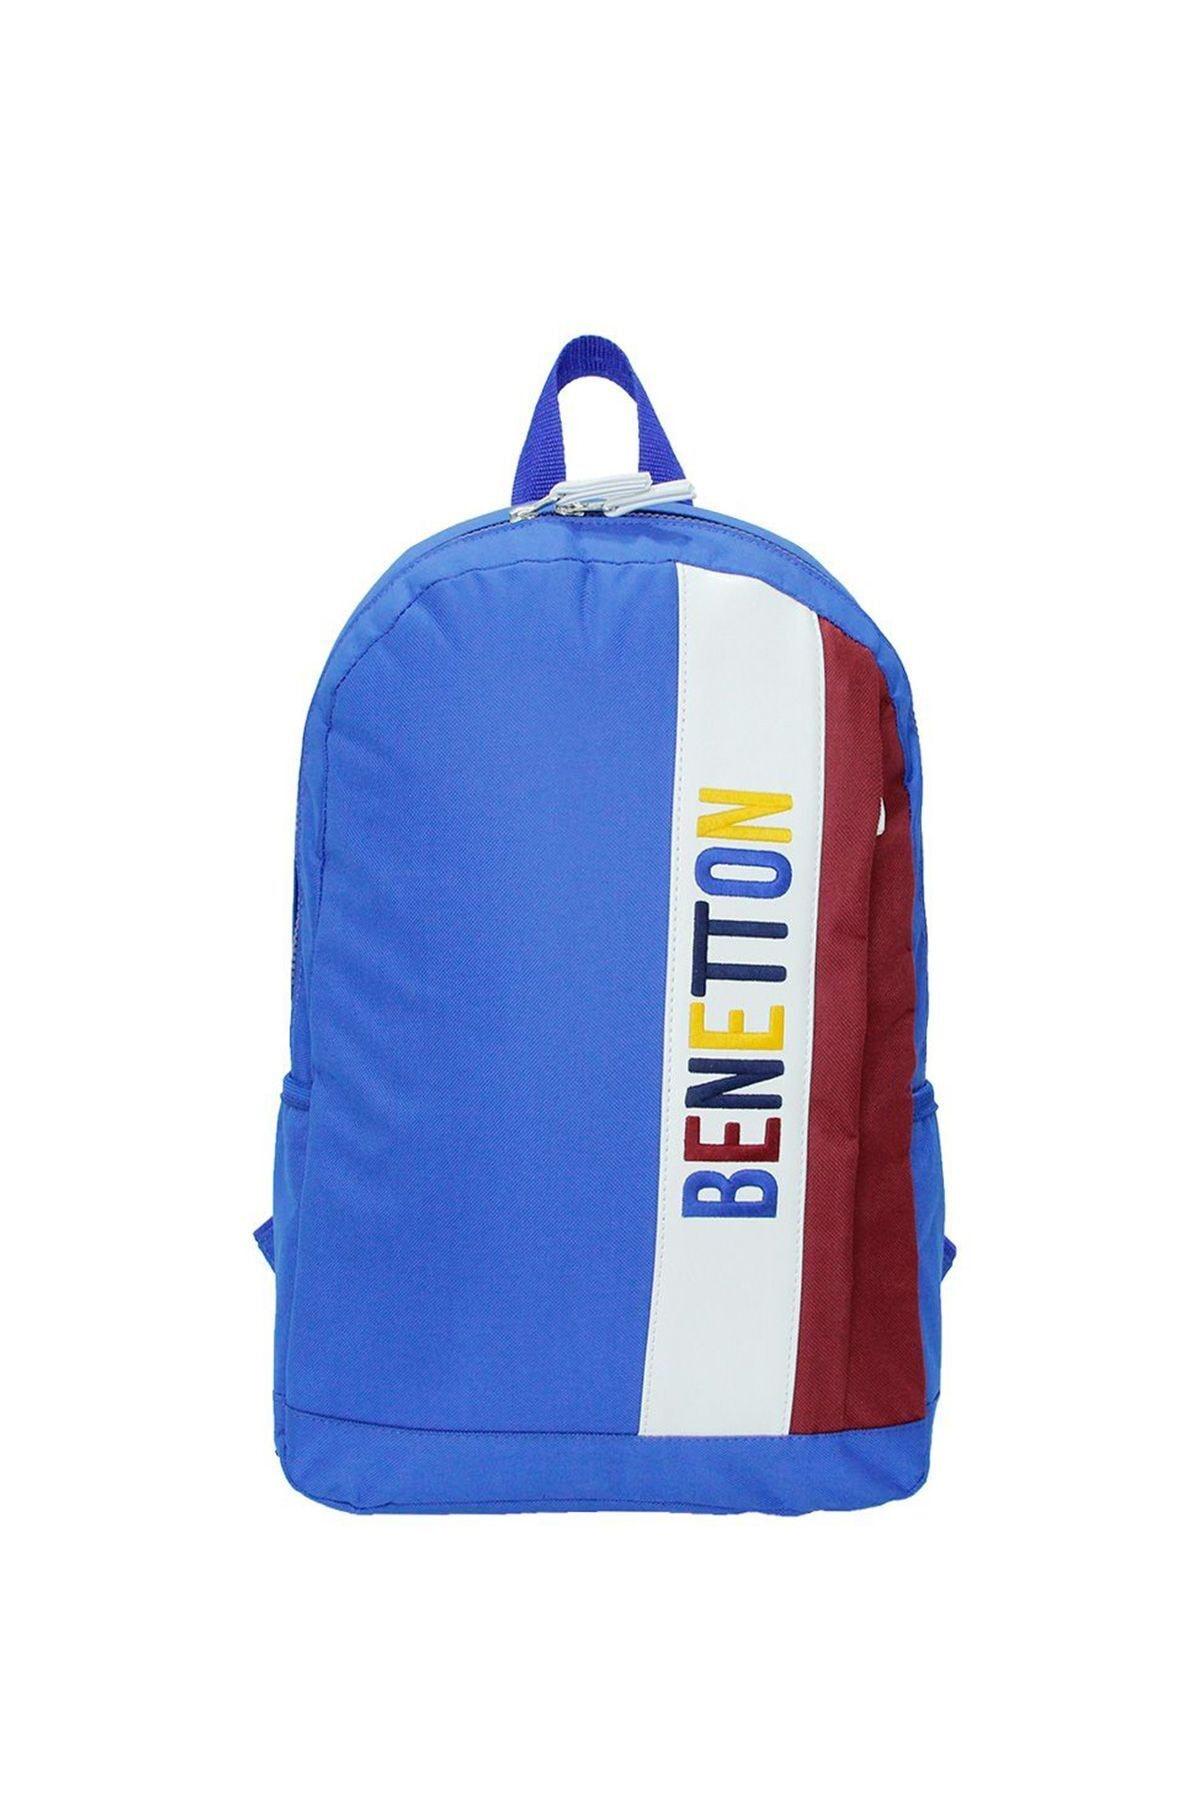 United Colors of Benetton Bordo Mavi Dikey Ön Cepli Sırt Çantası 70063 1